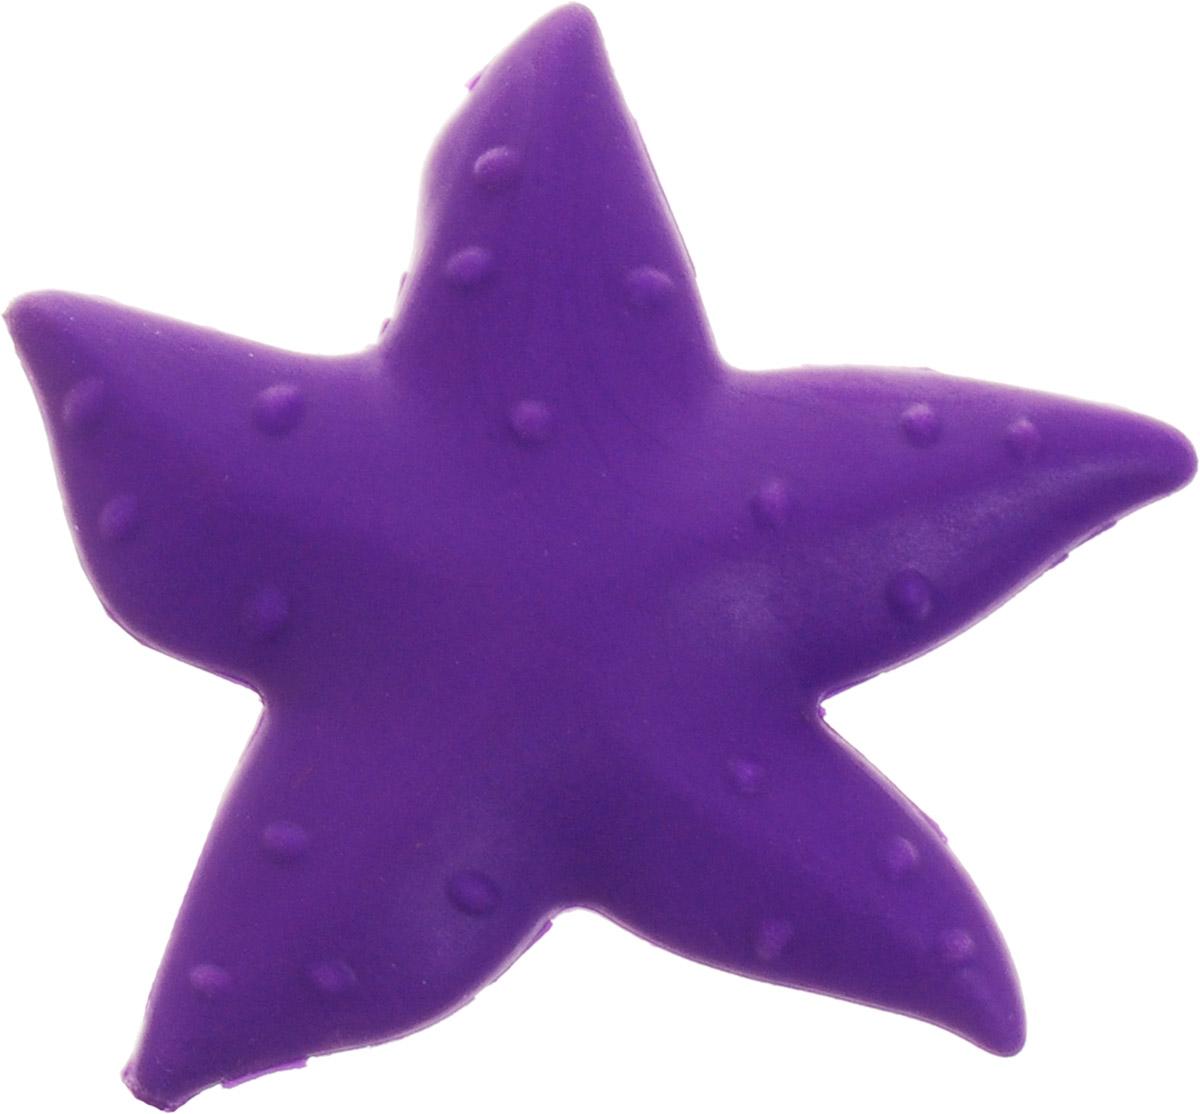 Brunnen Ластик Обитатели моря Звезда цвет фиолетовый72523WDЛастик Brunnen Обитатели моря: Звезда станет незаменимым аксессуаром на рабочем столе не только школьника или студента, но и офисного работника. Он легко и без следа удаляет надписи, сделанные карандашом. Ластик имеет форму морской звезды и его очень удобно держать в руке. Такой ластик напомнит вам о море и летнем отдыхе.